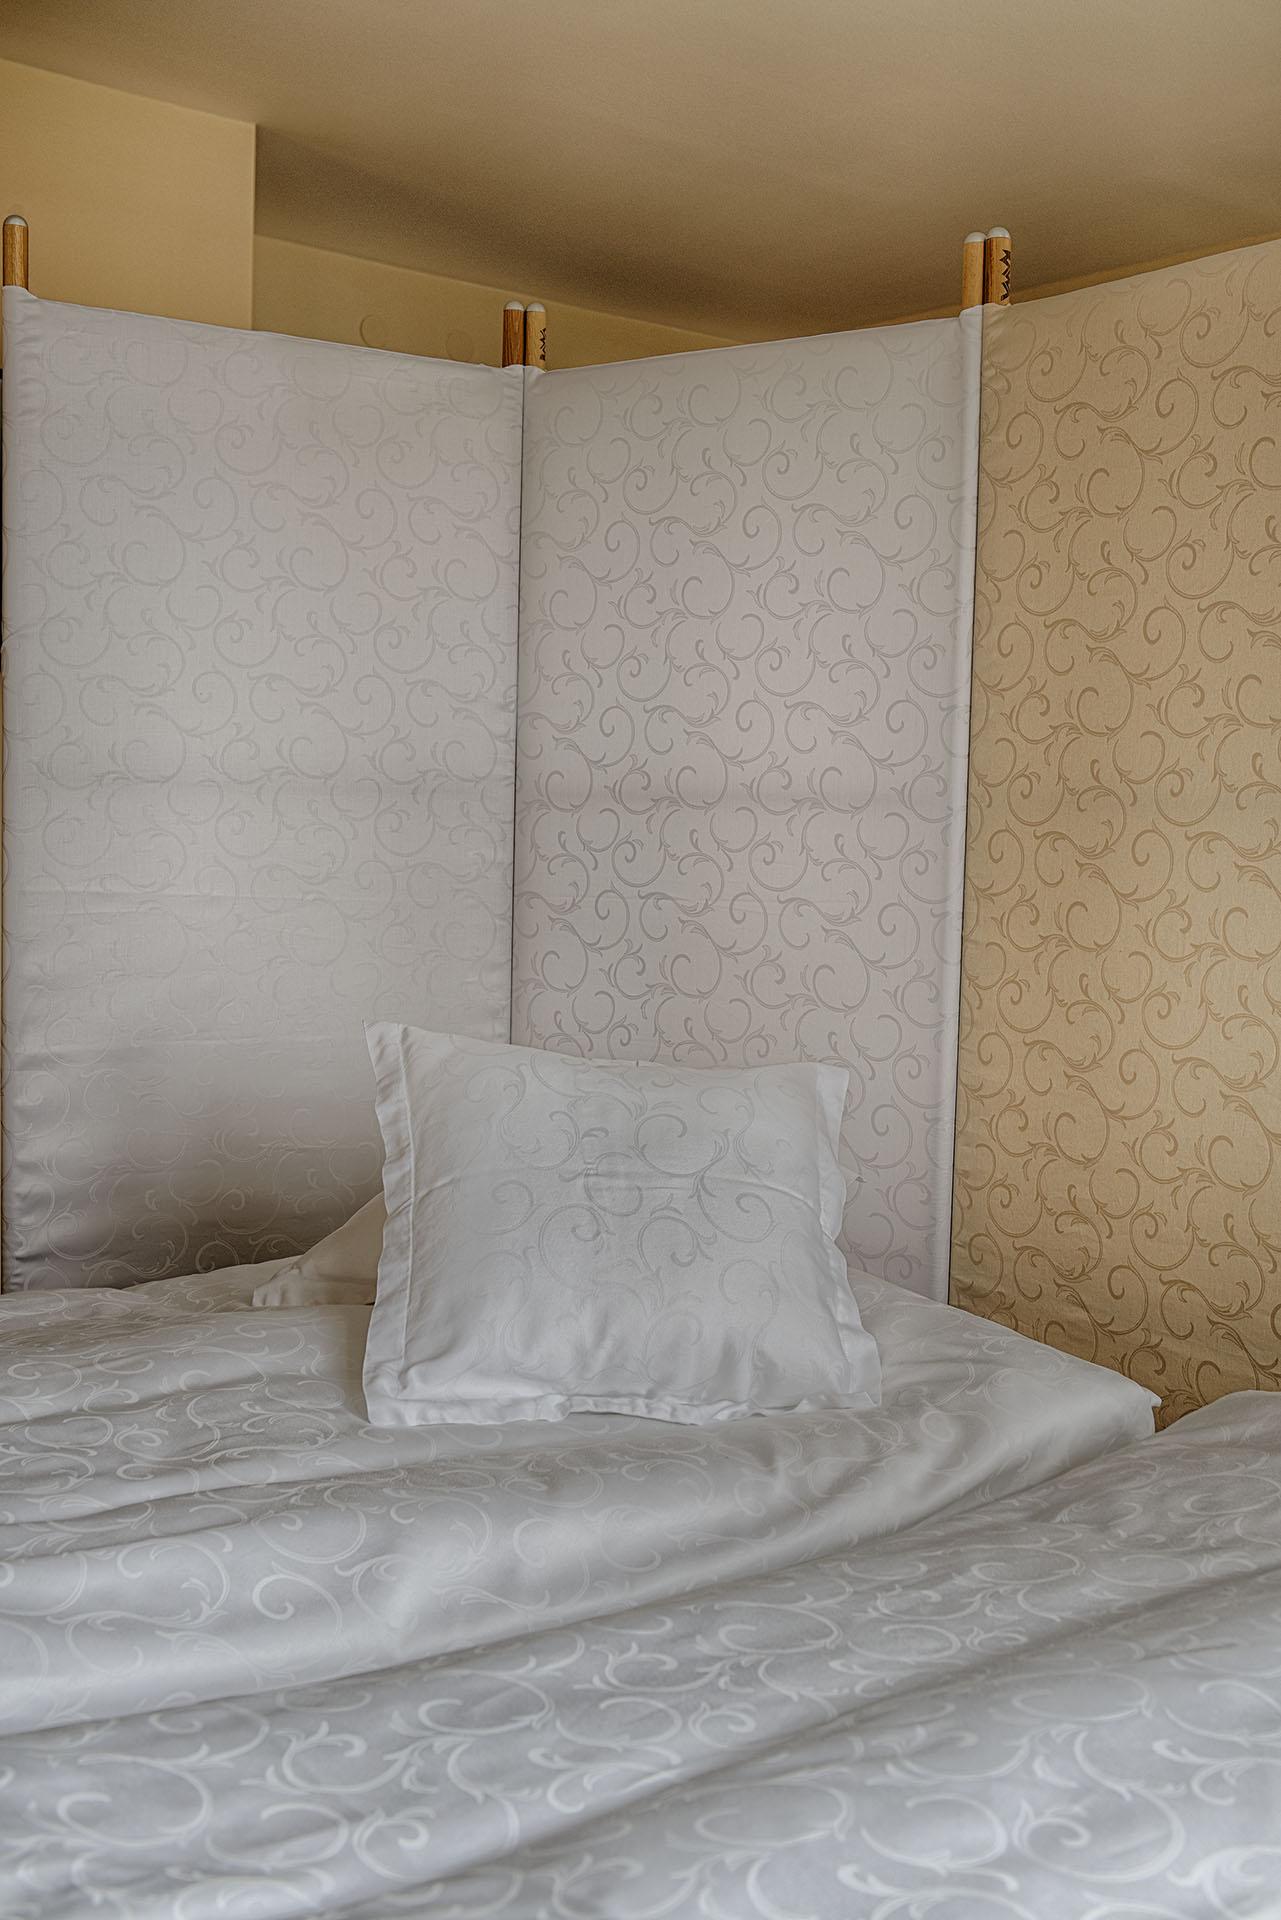 textil hotel_2